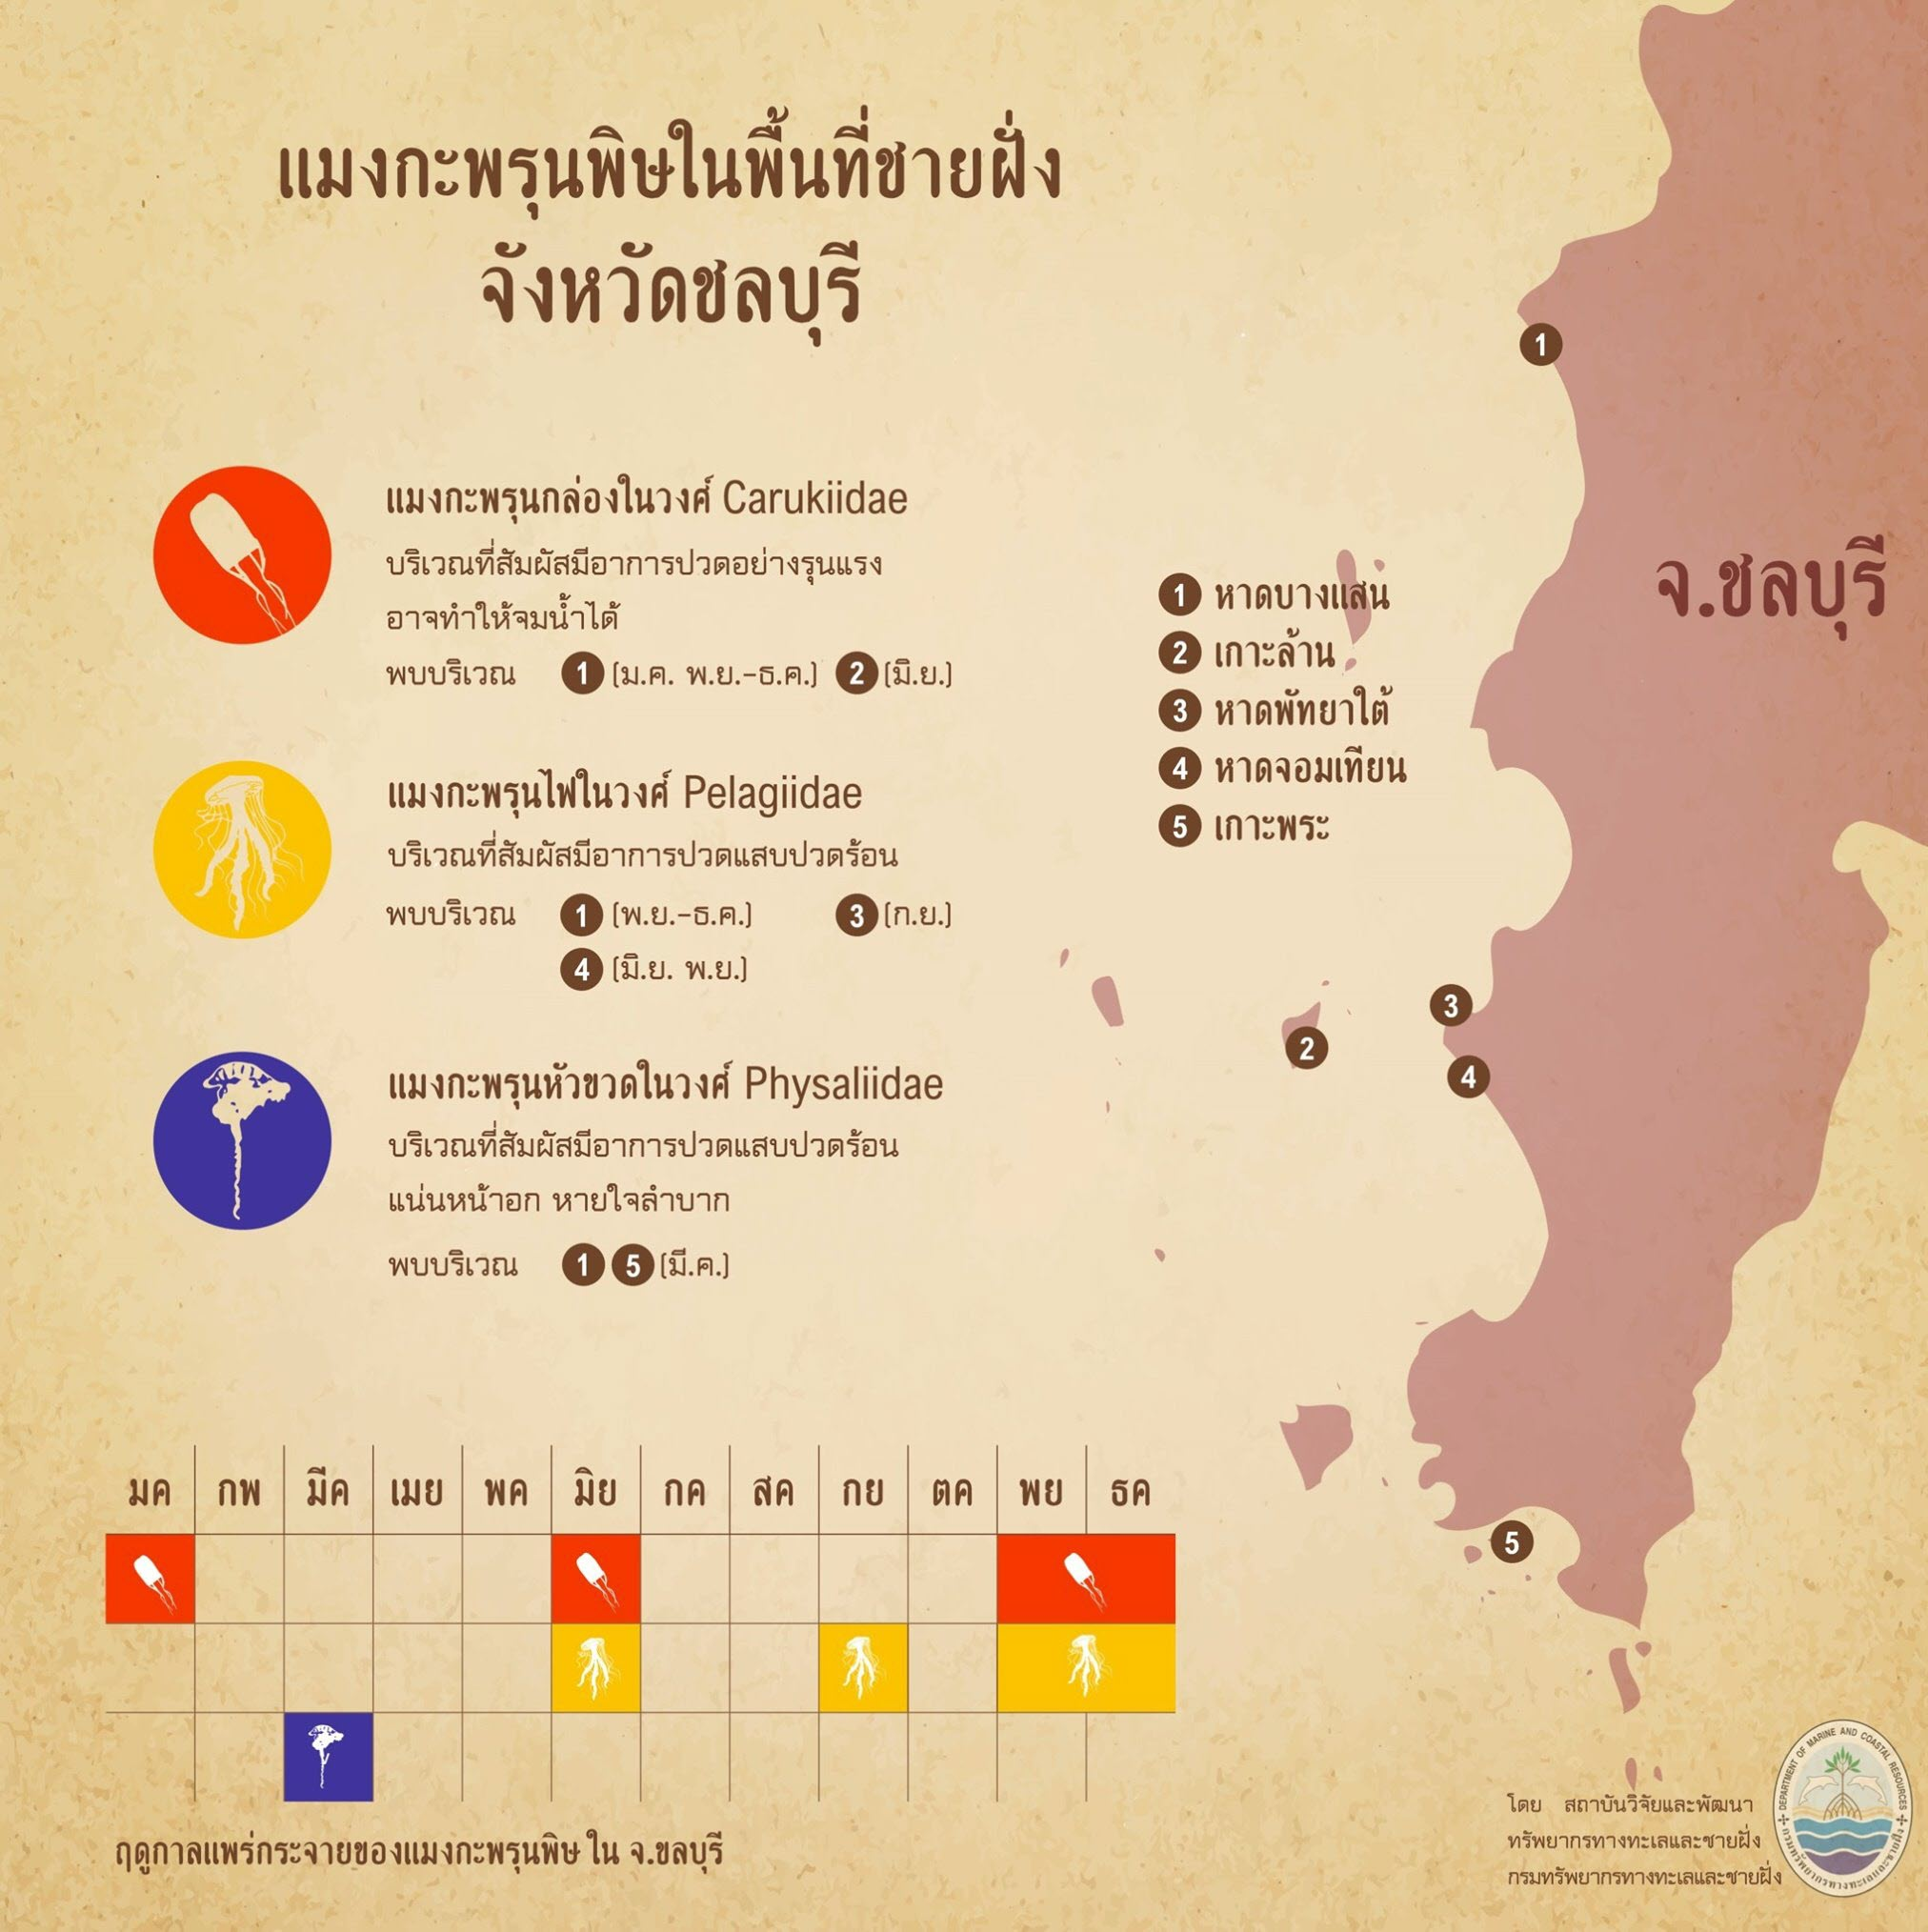 รู้จักกันหน่อยแมงกะพรุนในน่านน้ำไทย ตอนที่ ๔ ทะเลชลบุรี